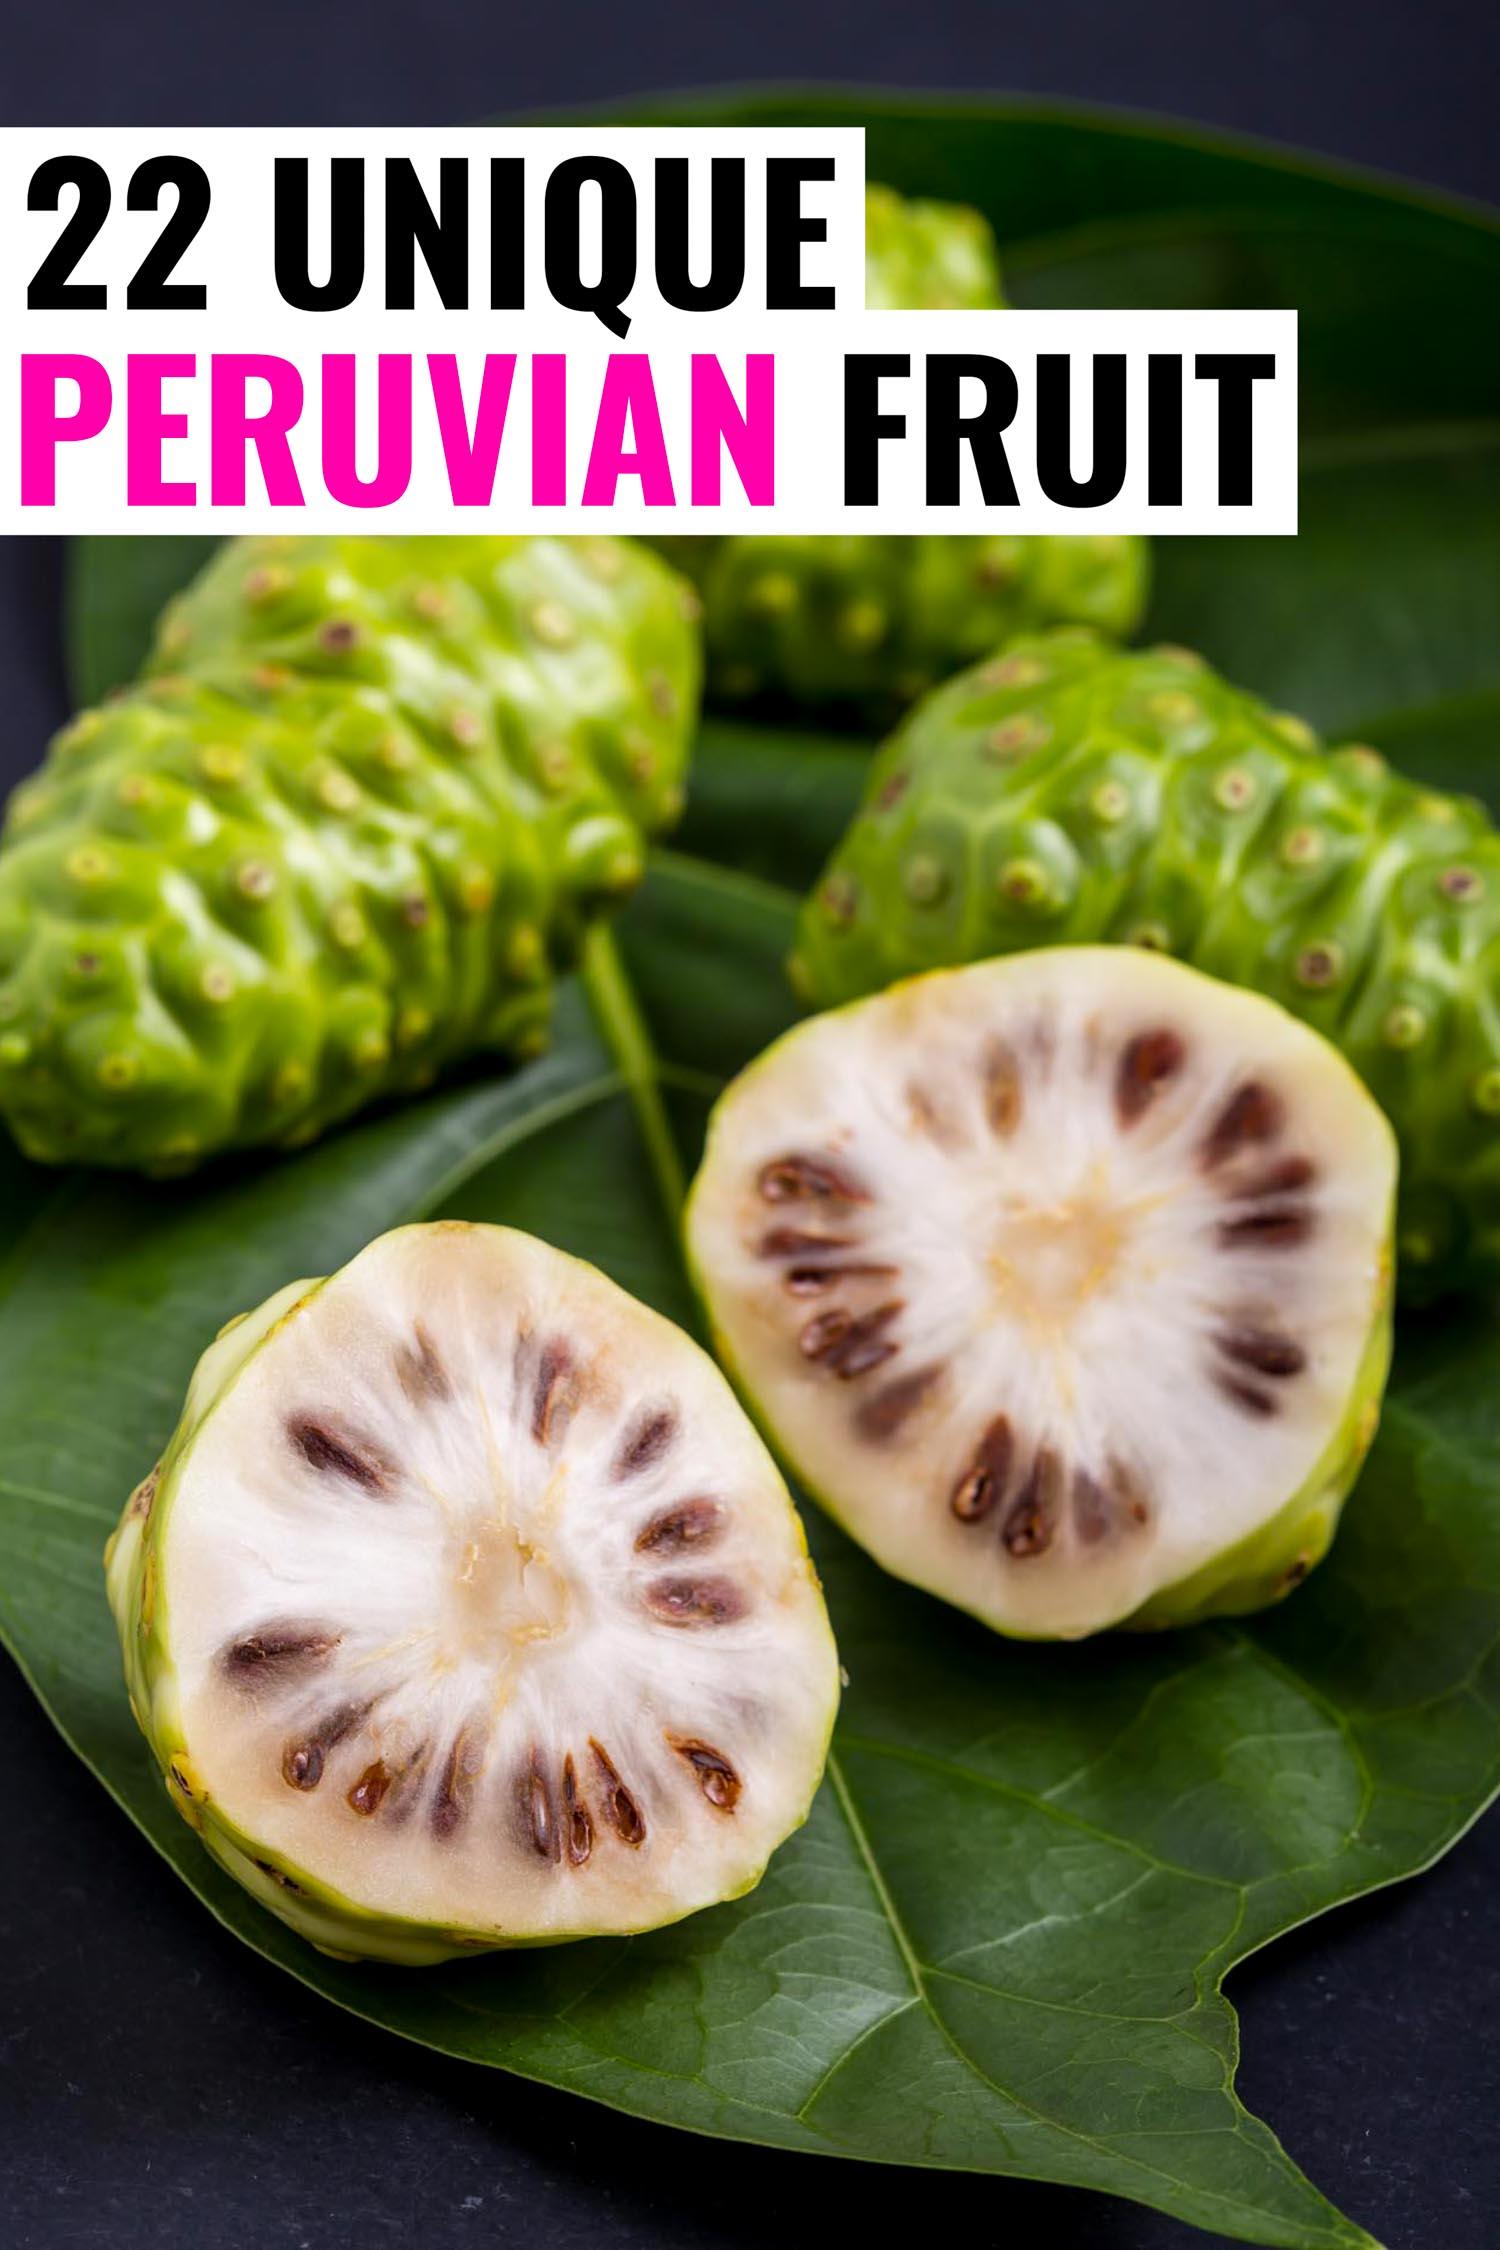 Noni fruit in Peru